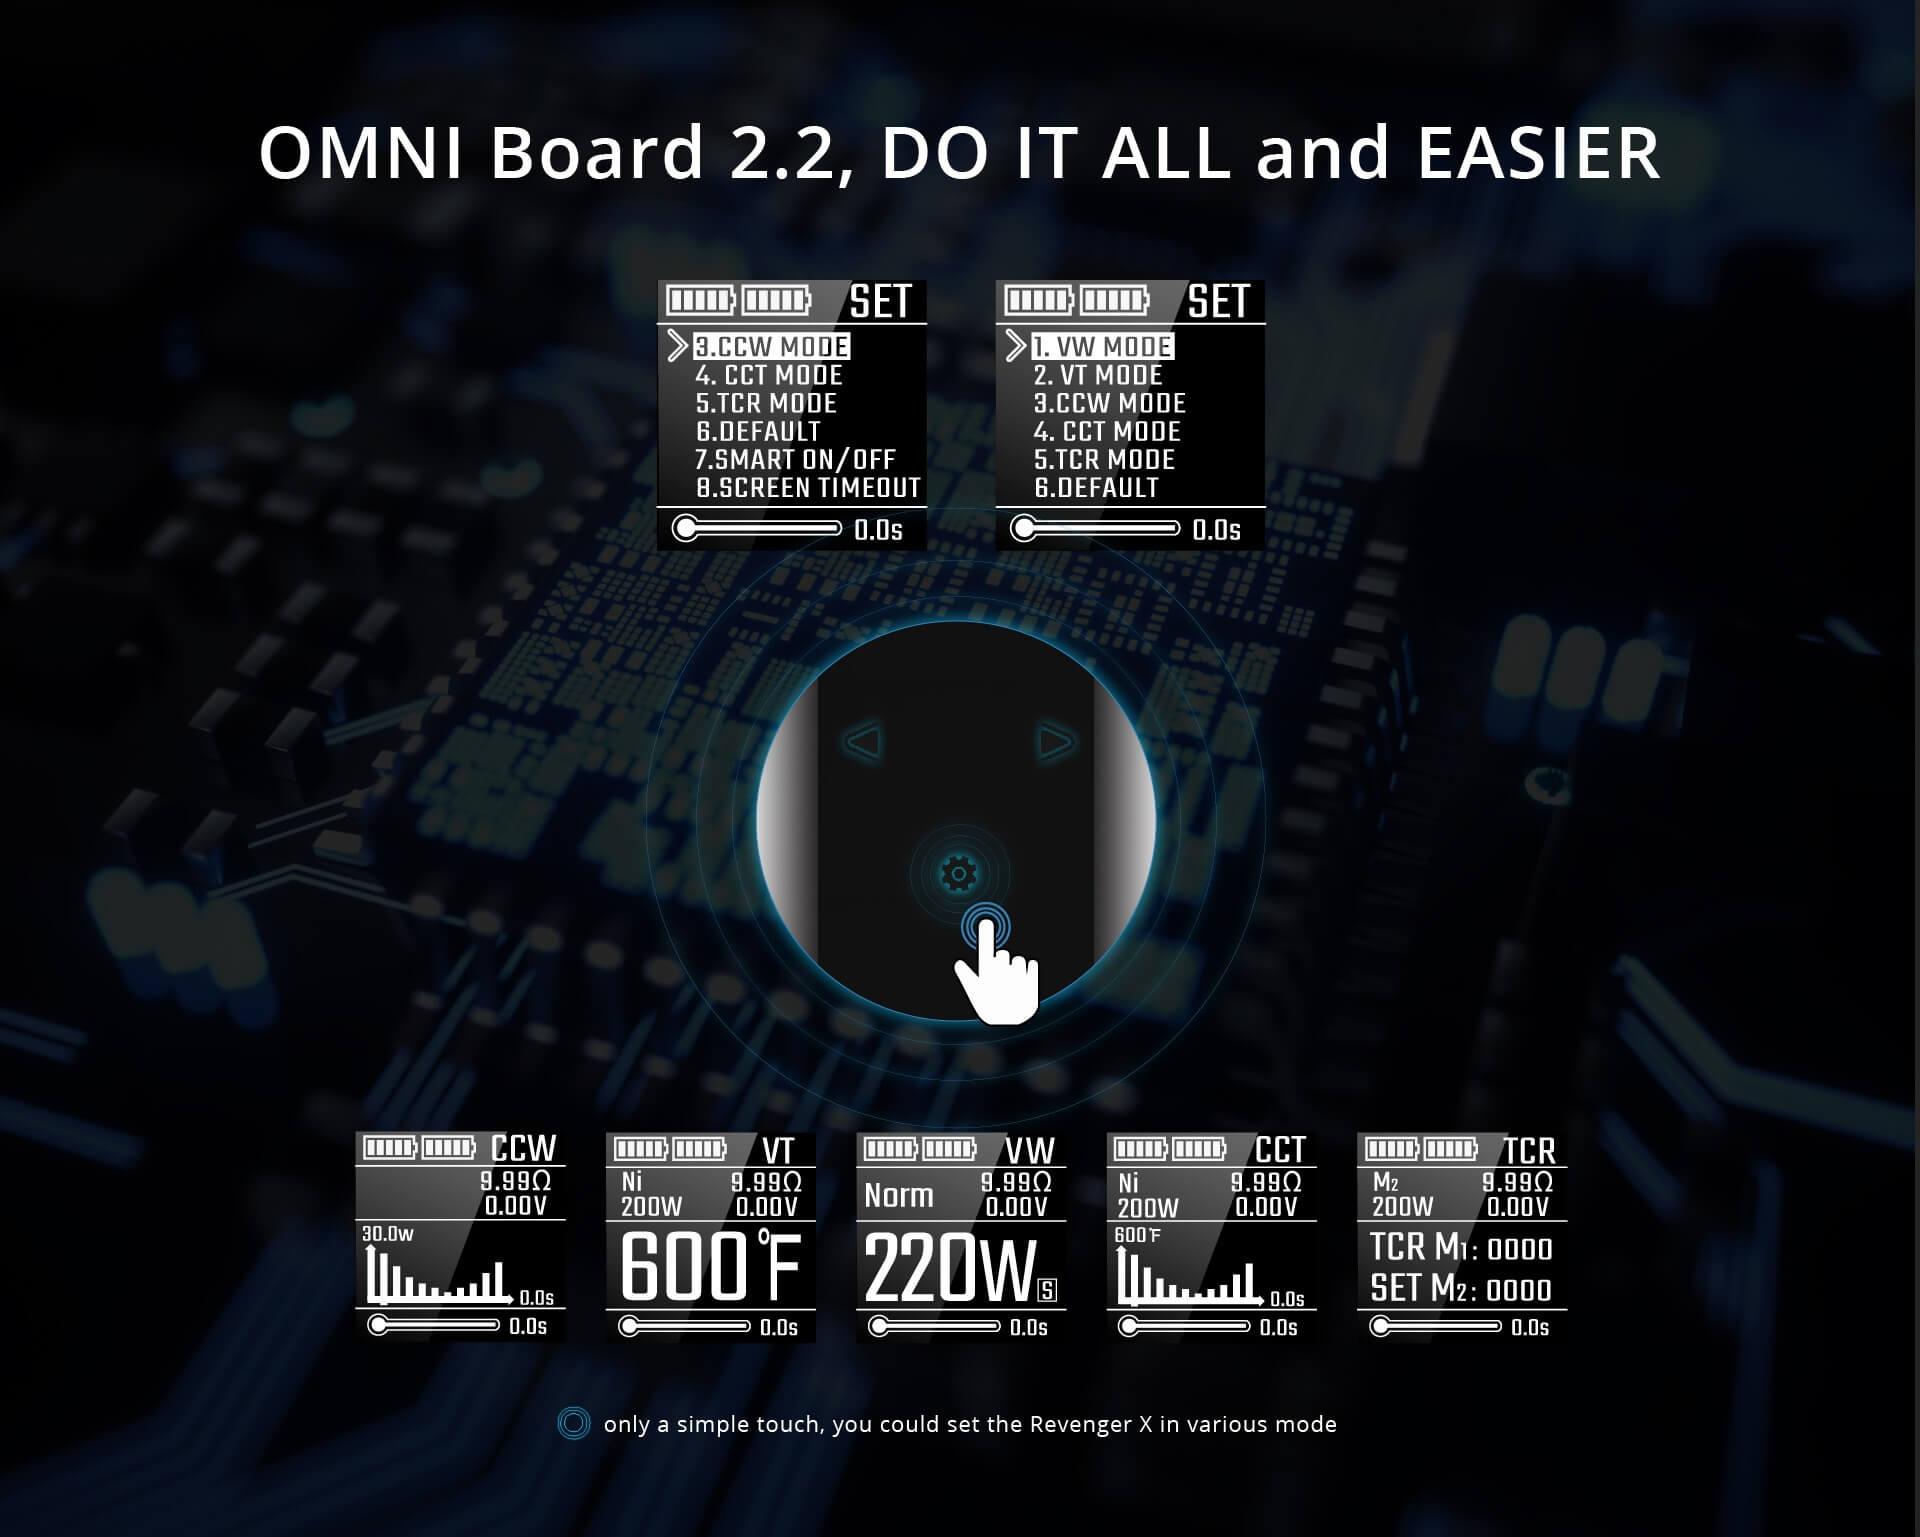 Vaporesso Omni Board 2.2